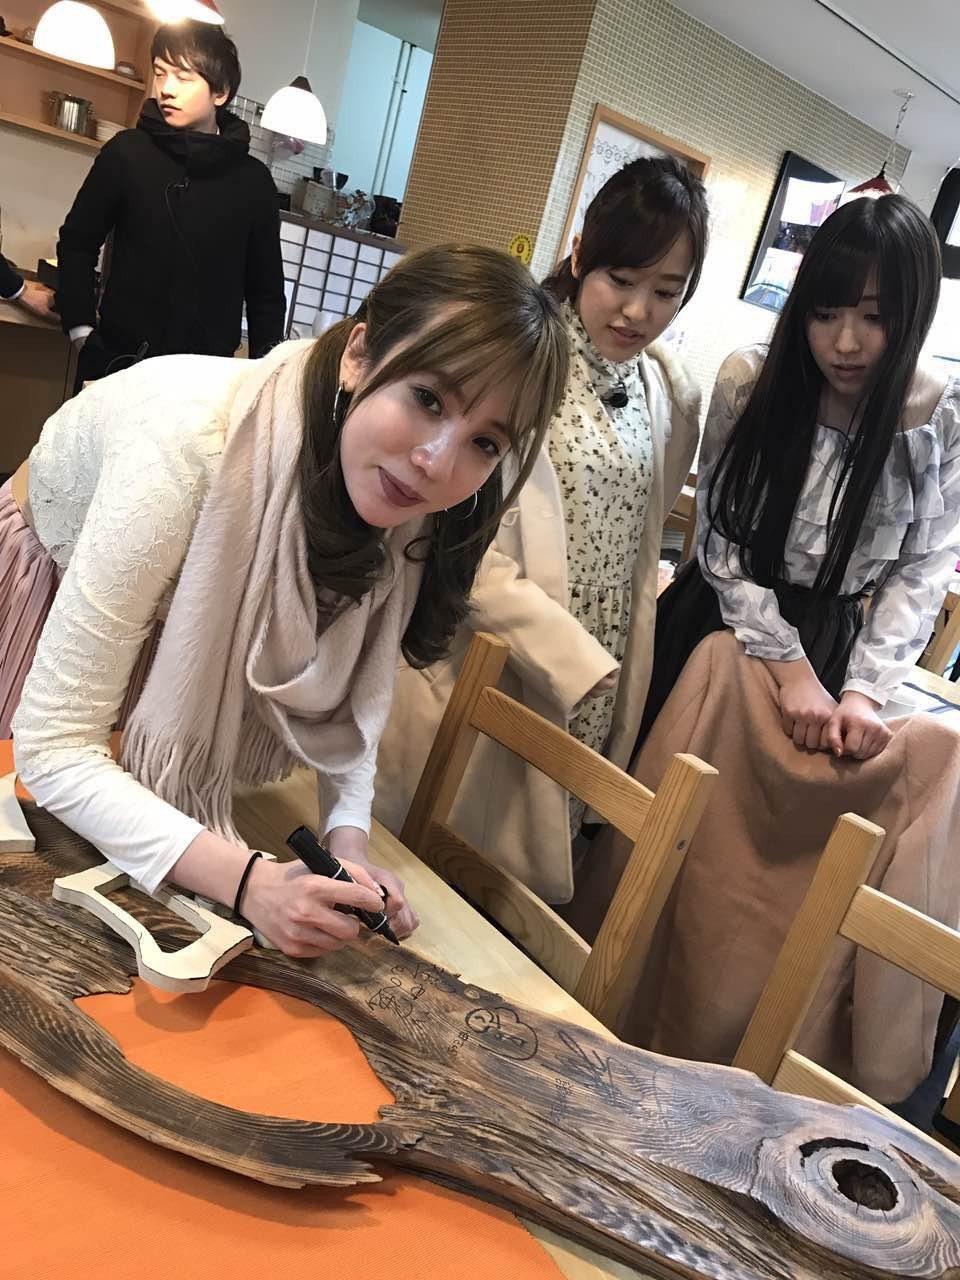 張艾亞在日本簽名留念。圖/民視提供